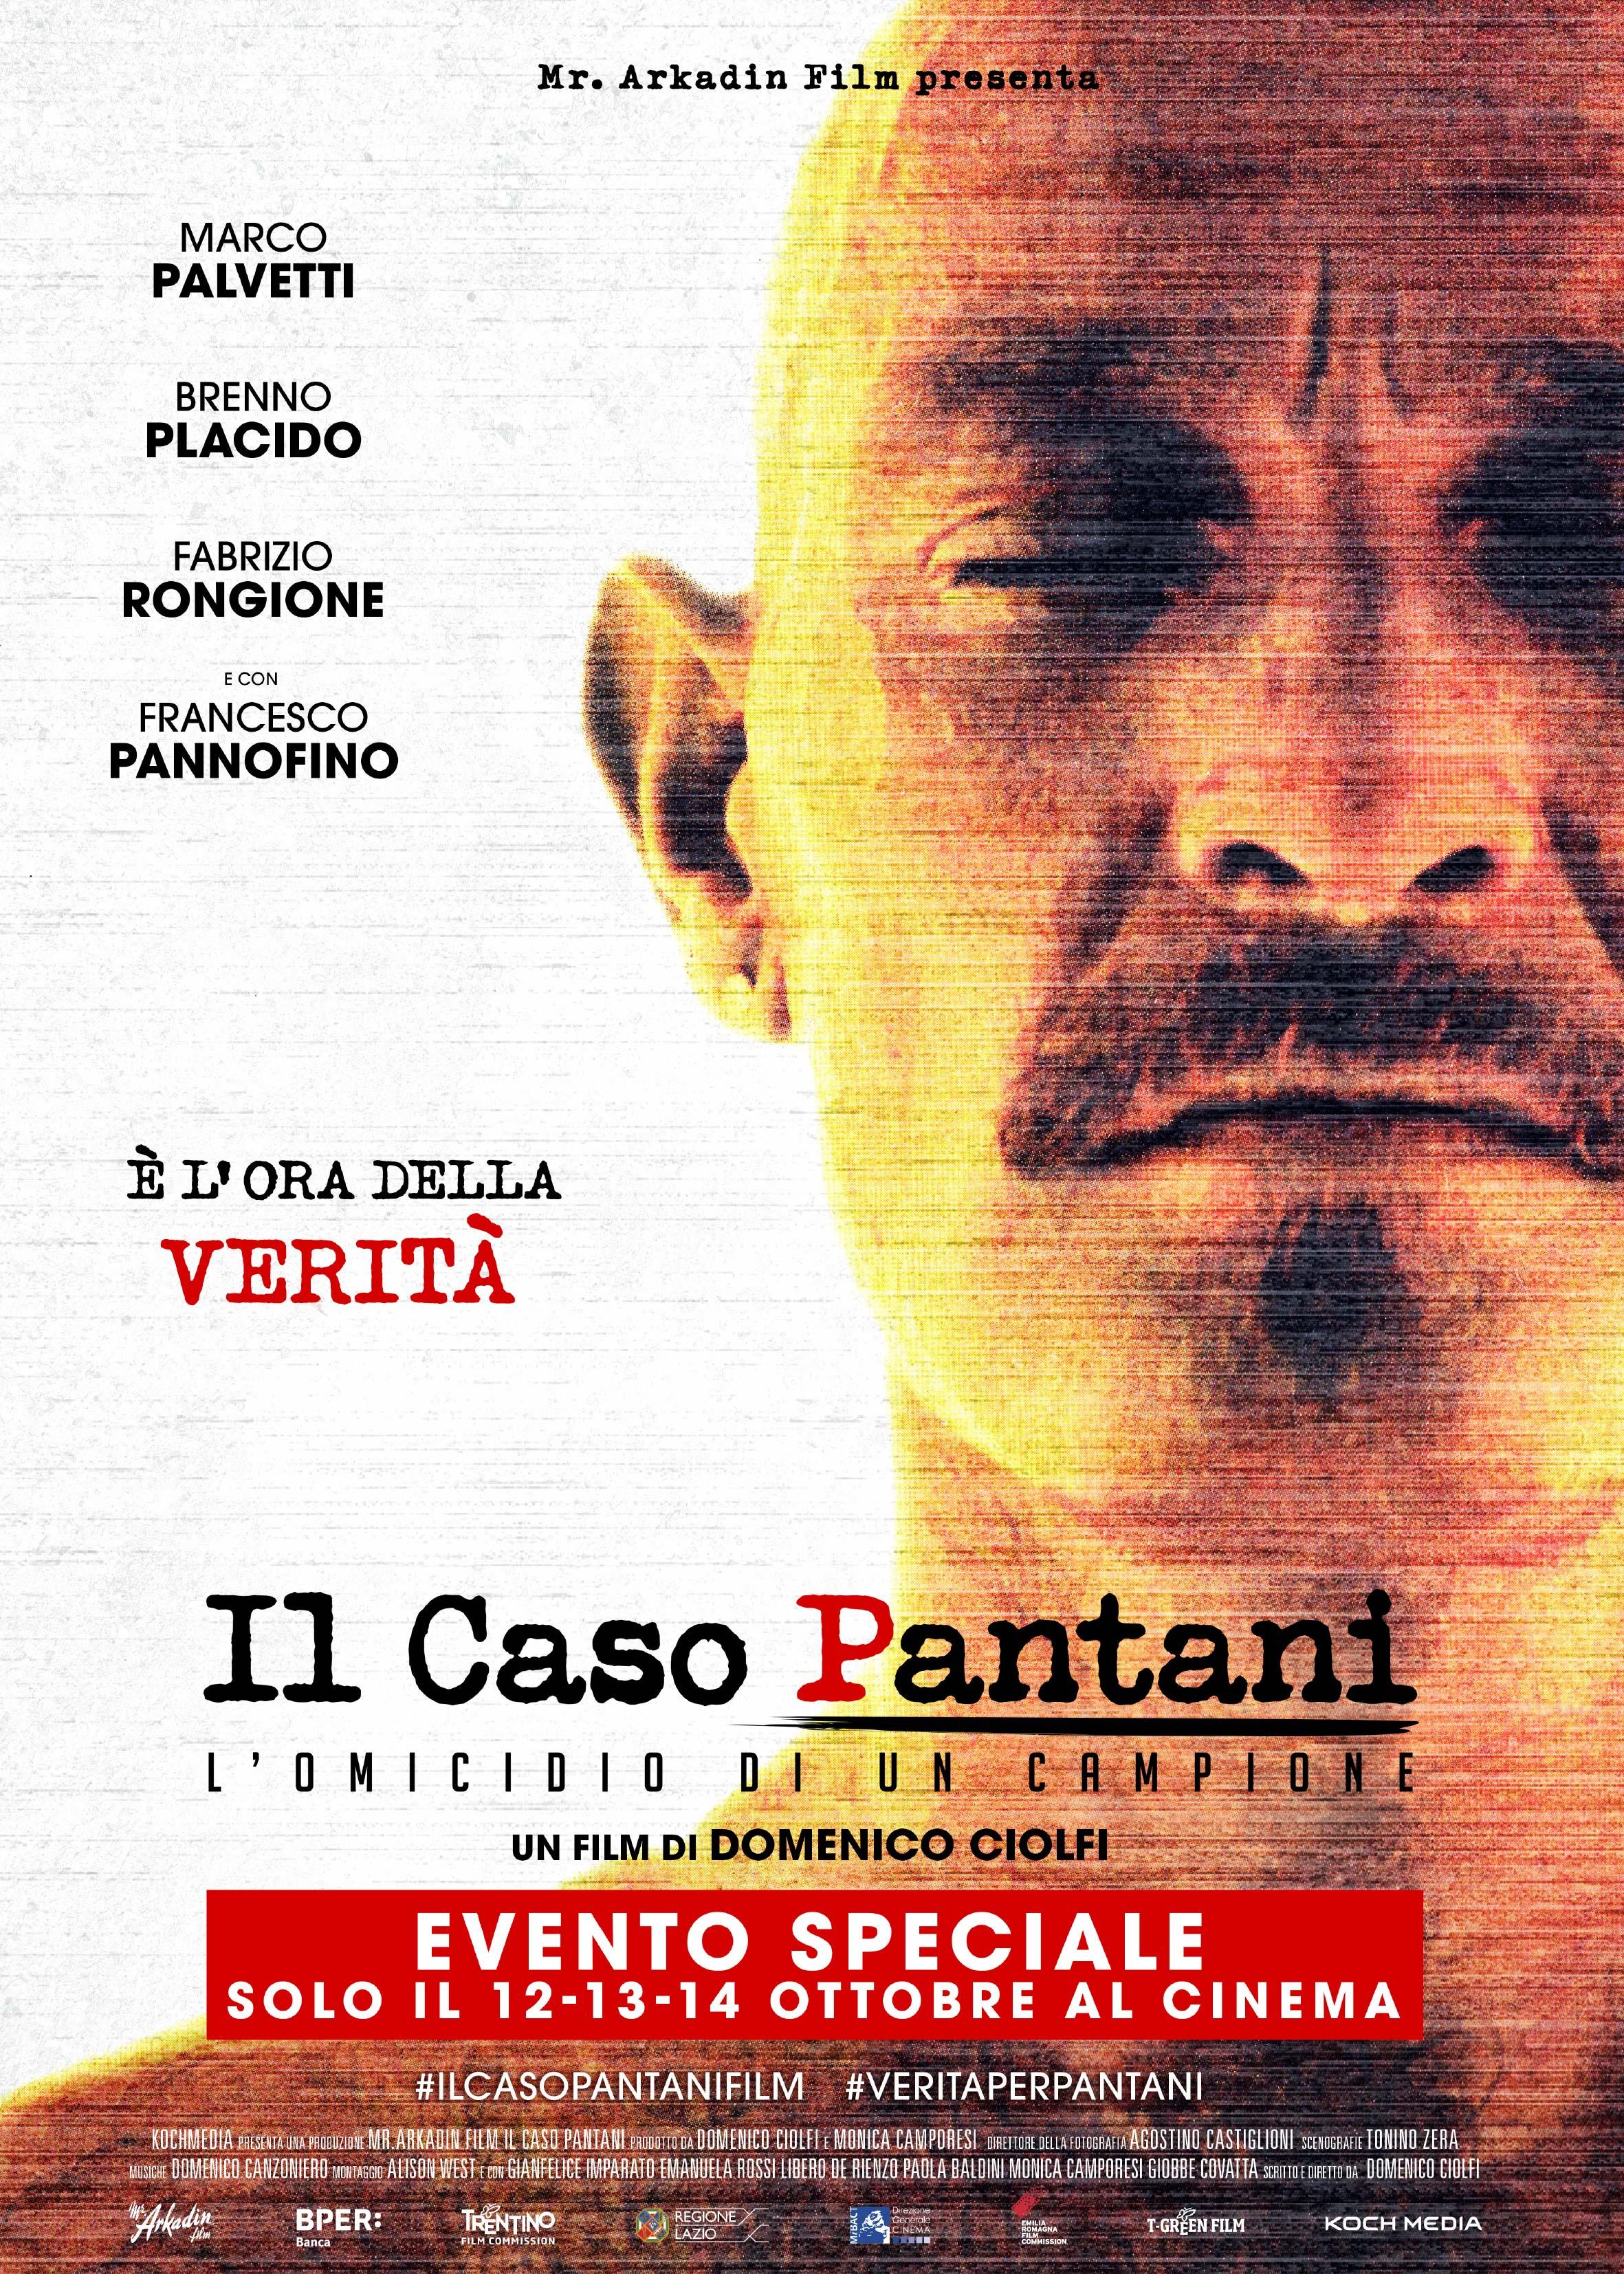 Locandina di Il caso Pantani - L'omicidio di un campione